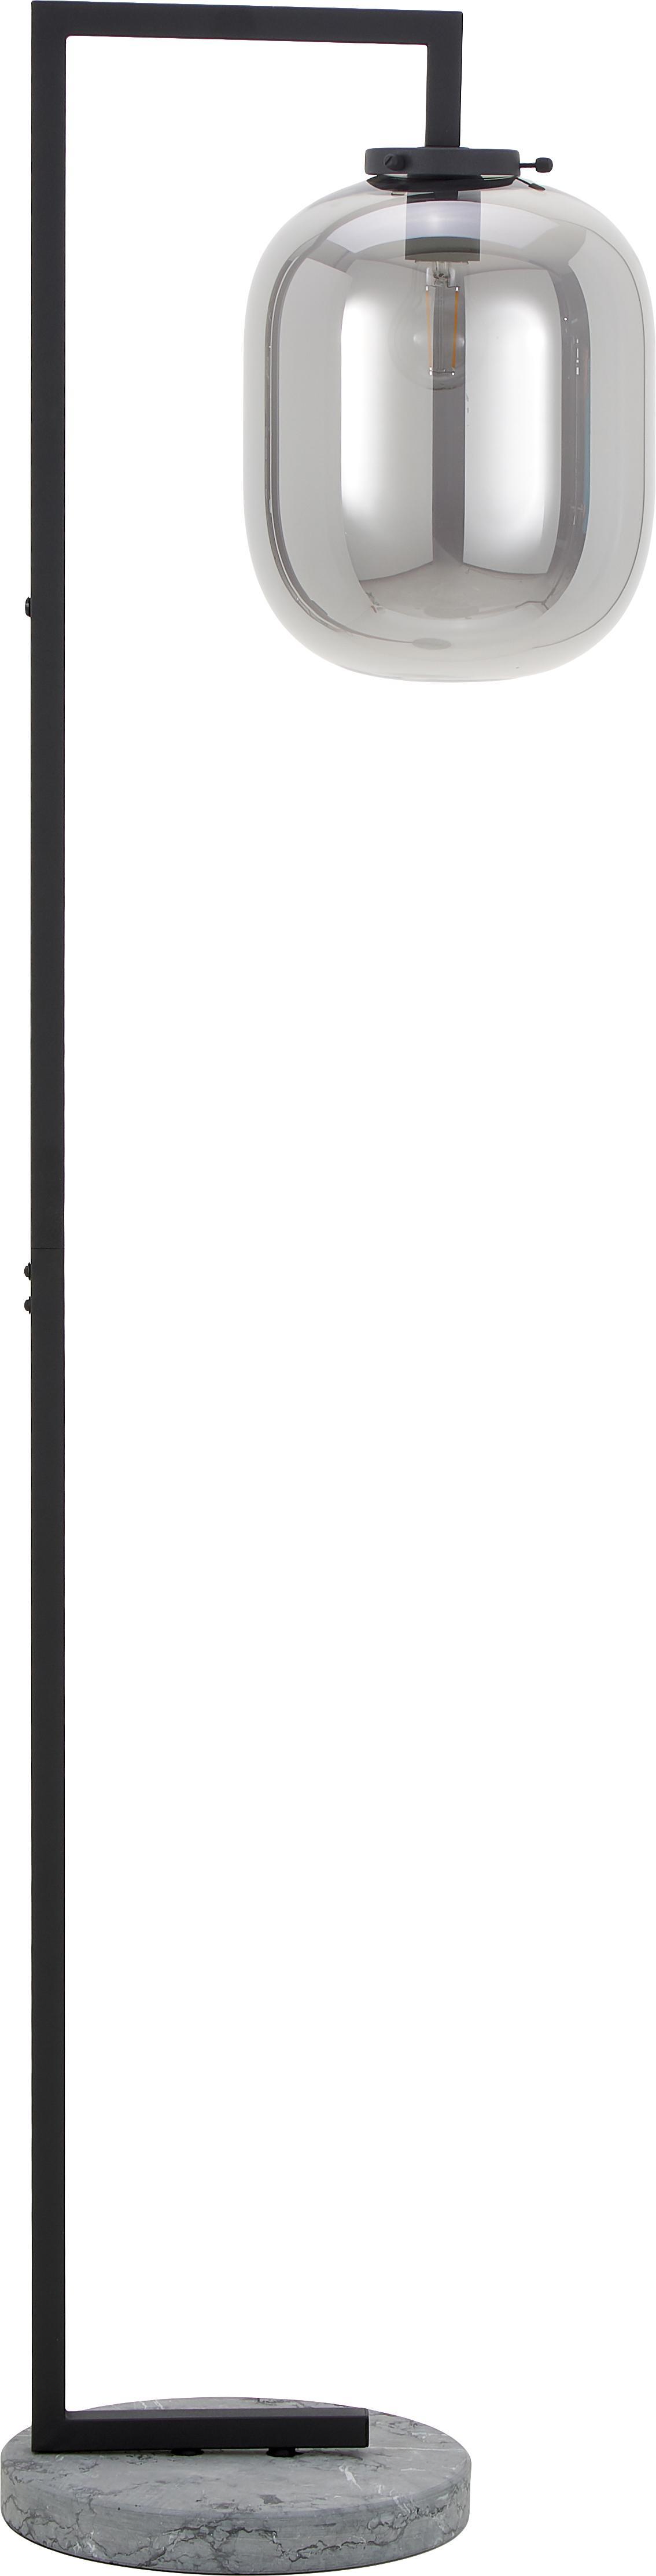 Lámpara de pie Leola, Pantalla: vidrio, Cable: plástico, Cromo, negro, Ø 12 x Al 165 cm